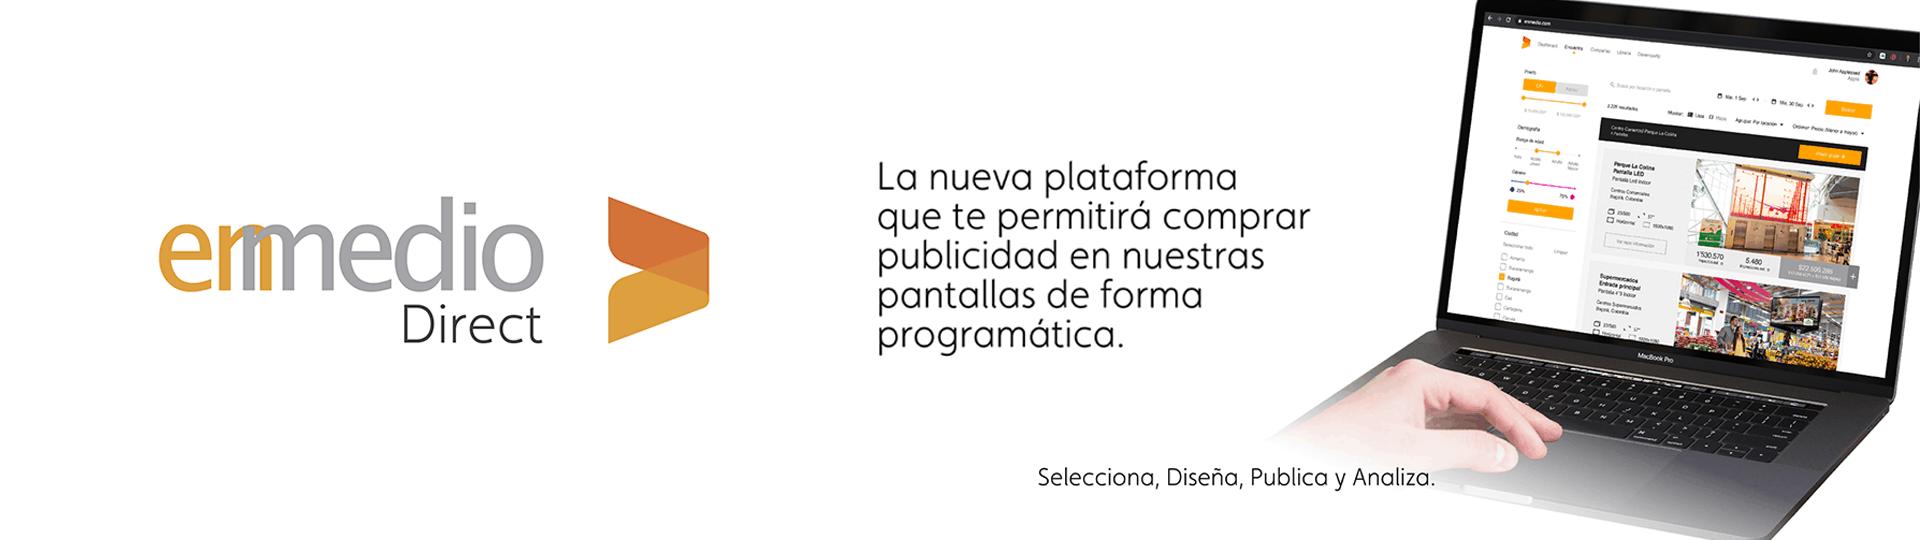 Enmedio Direct - La plataforma innovadora de publicidad para OOH 1